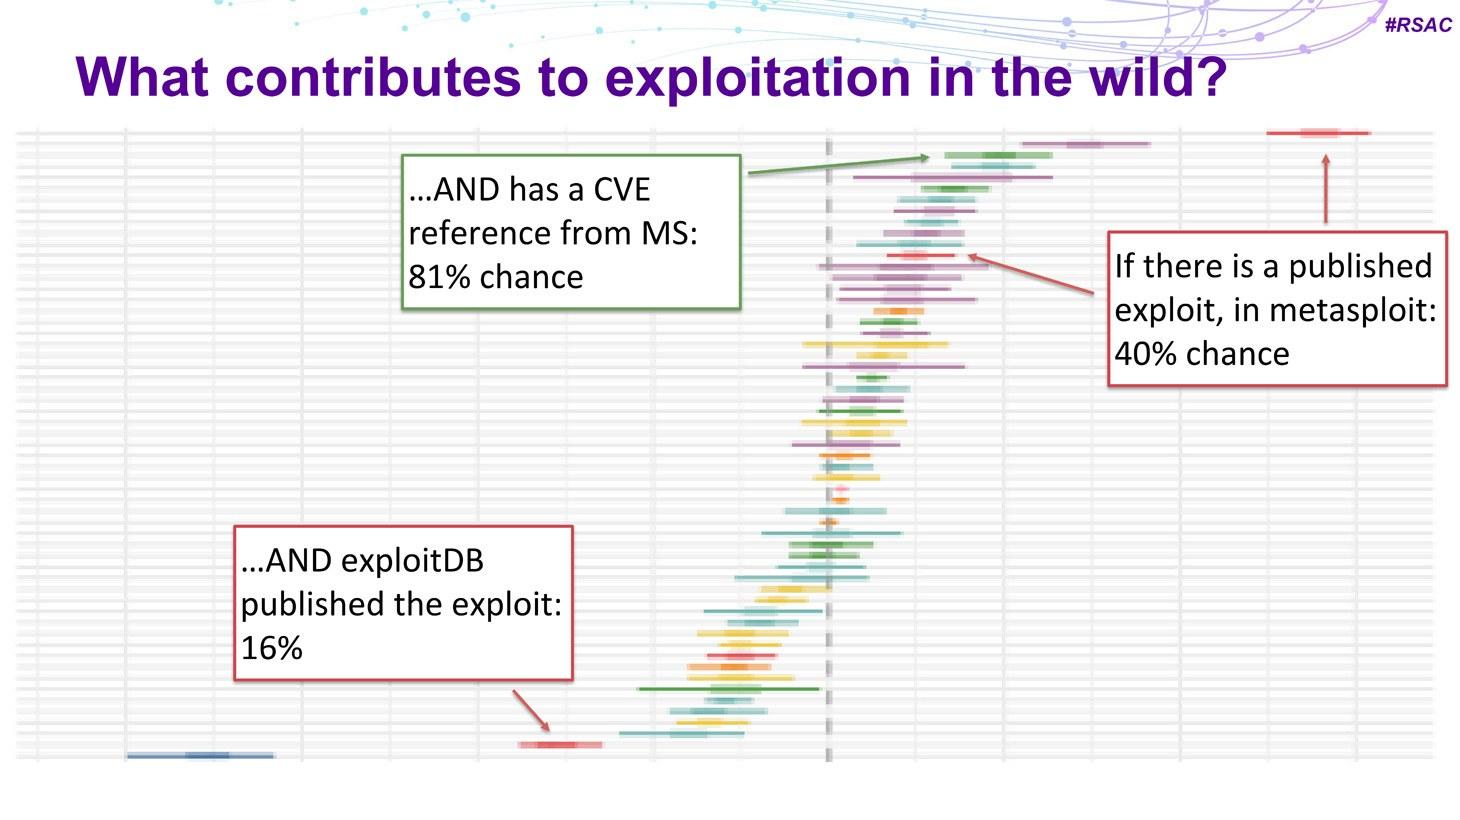 De onderzoekers identificeerden signalen die de kans op een kwetsbaarheids-exploit beïnvloeden